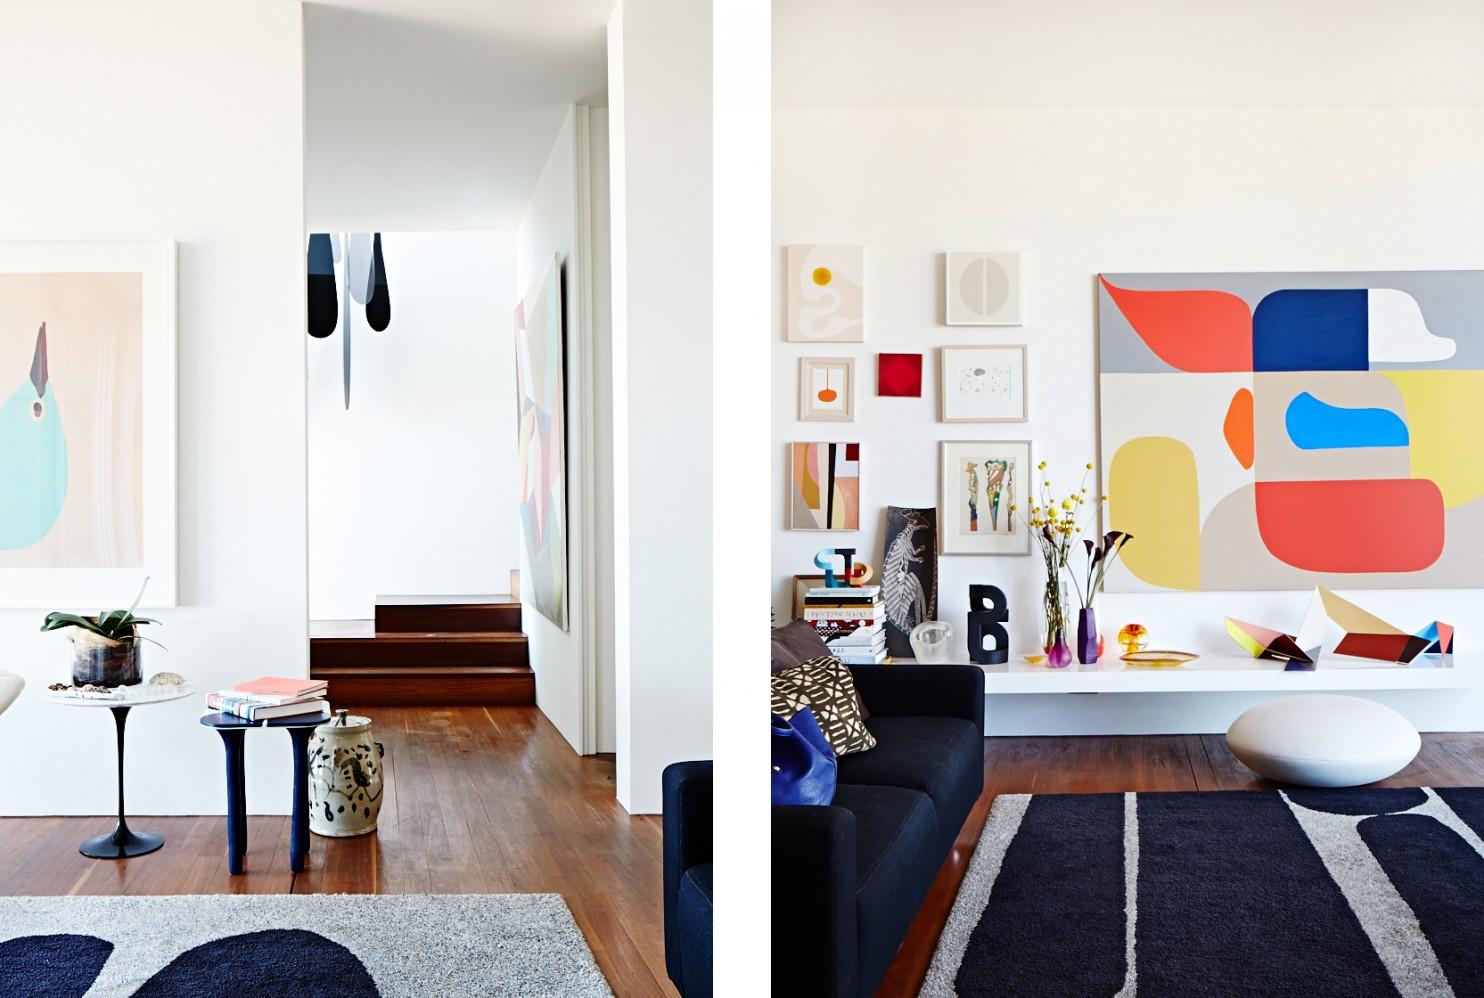 Sean-Fennessy-Interiors-Domestic-196